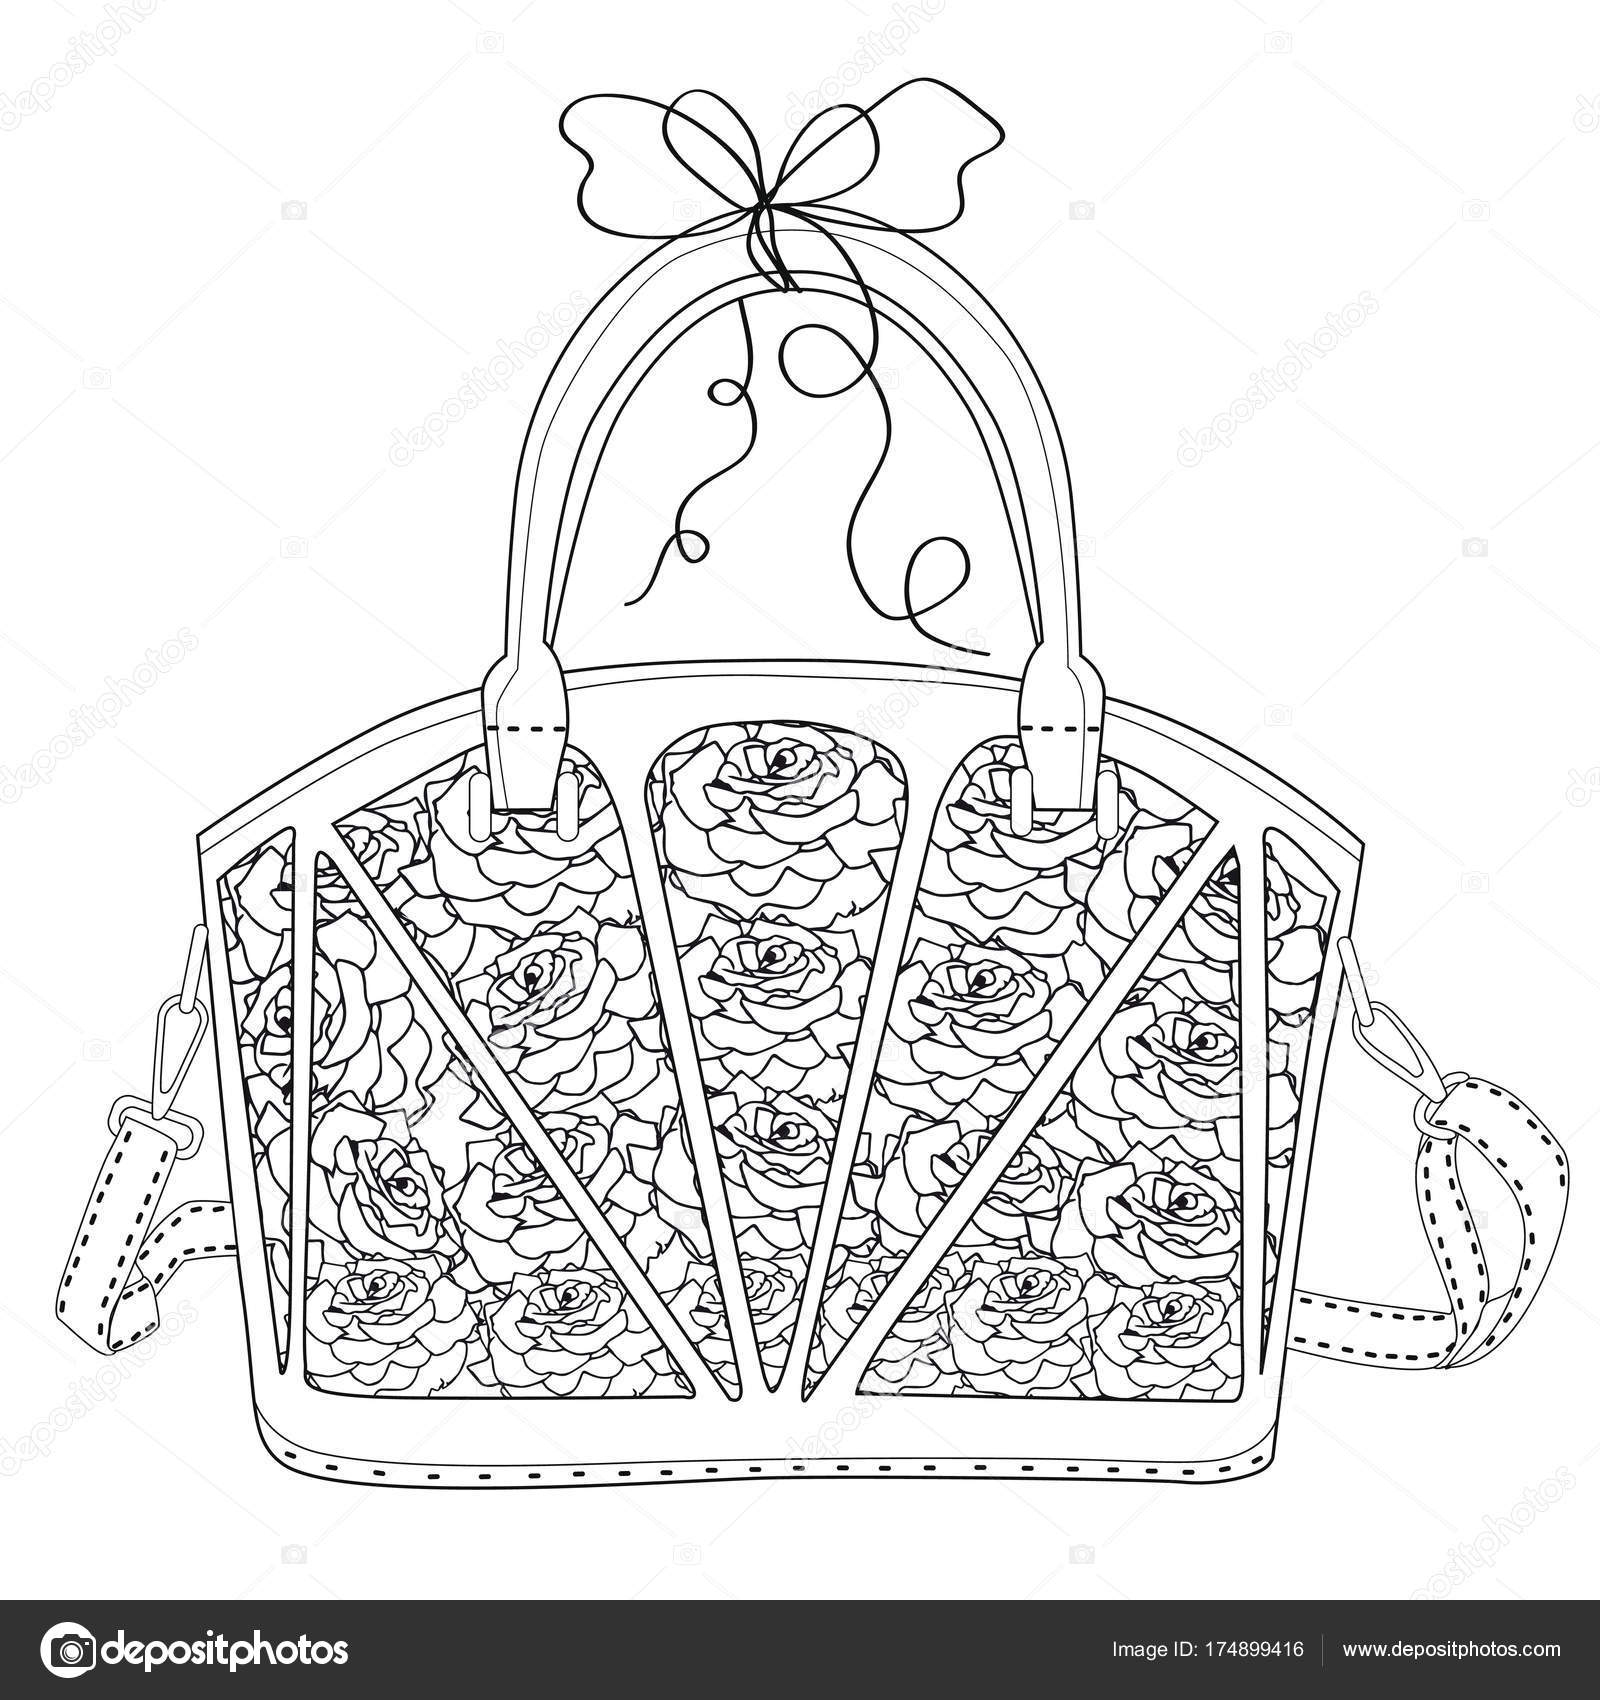 Malvorlagen für Erwachsene. Tasche mit Rosen — Stockvektor © l.grape ...